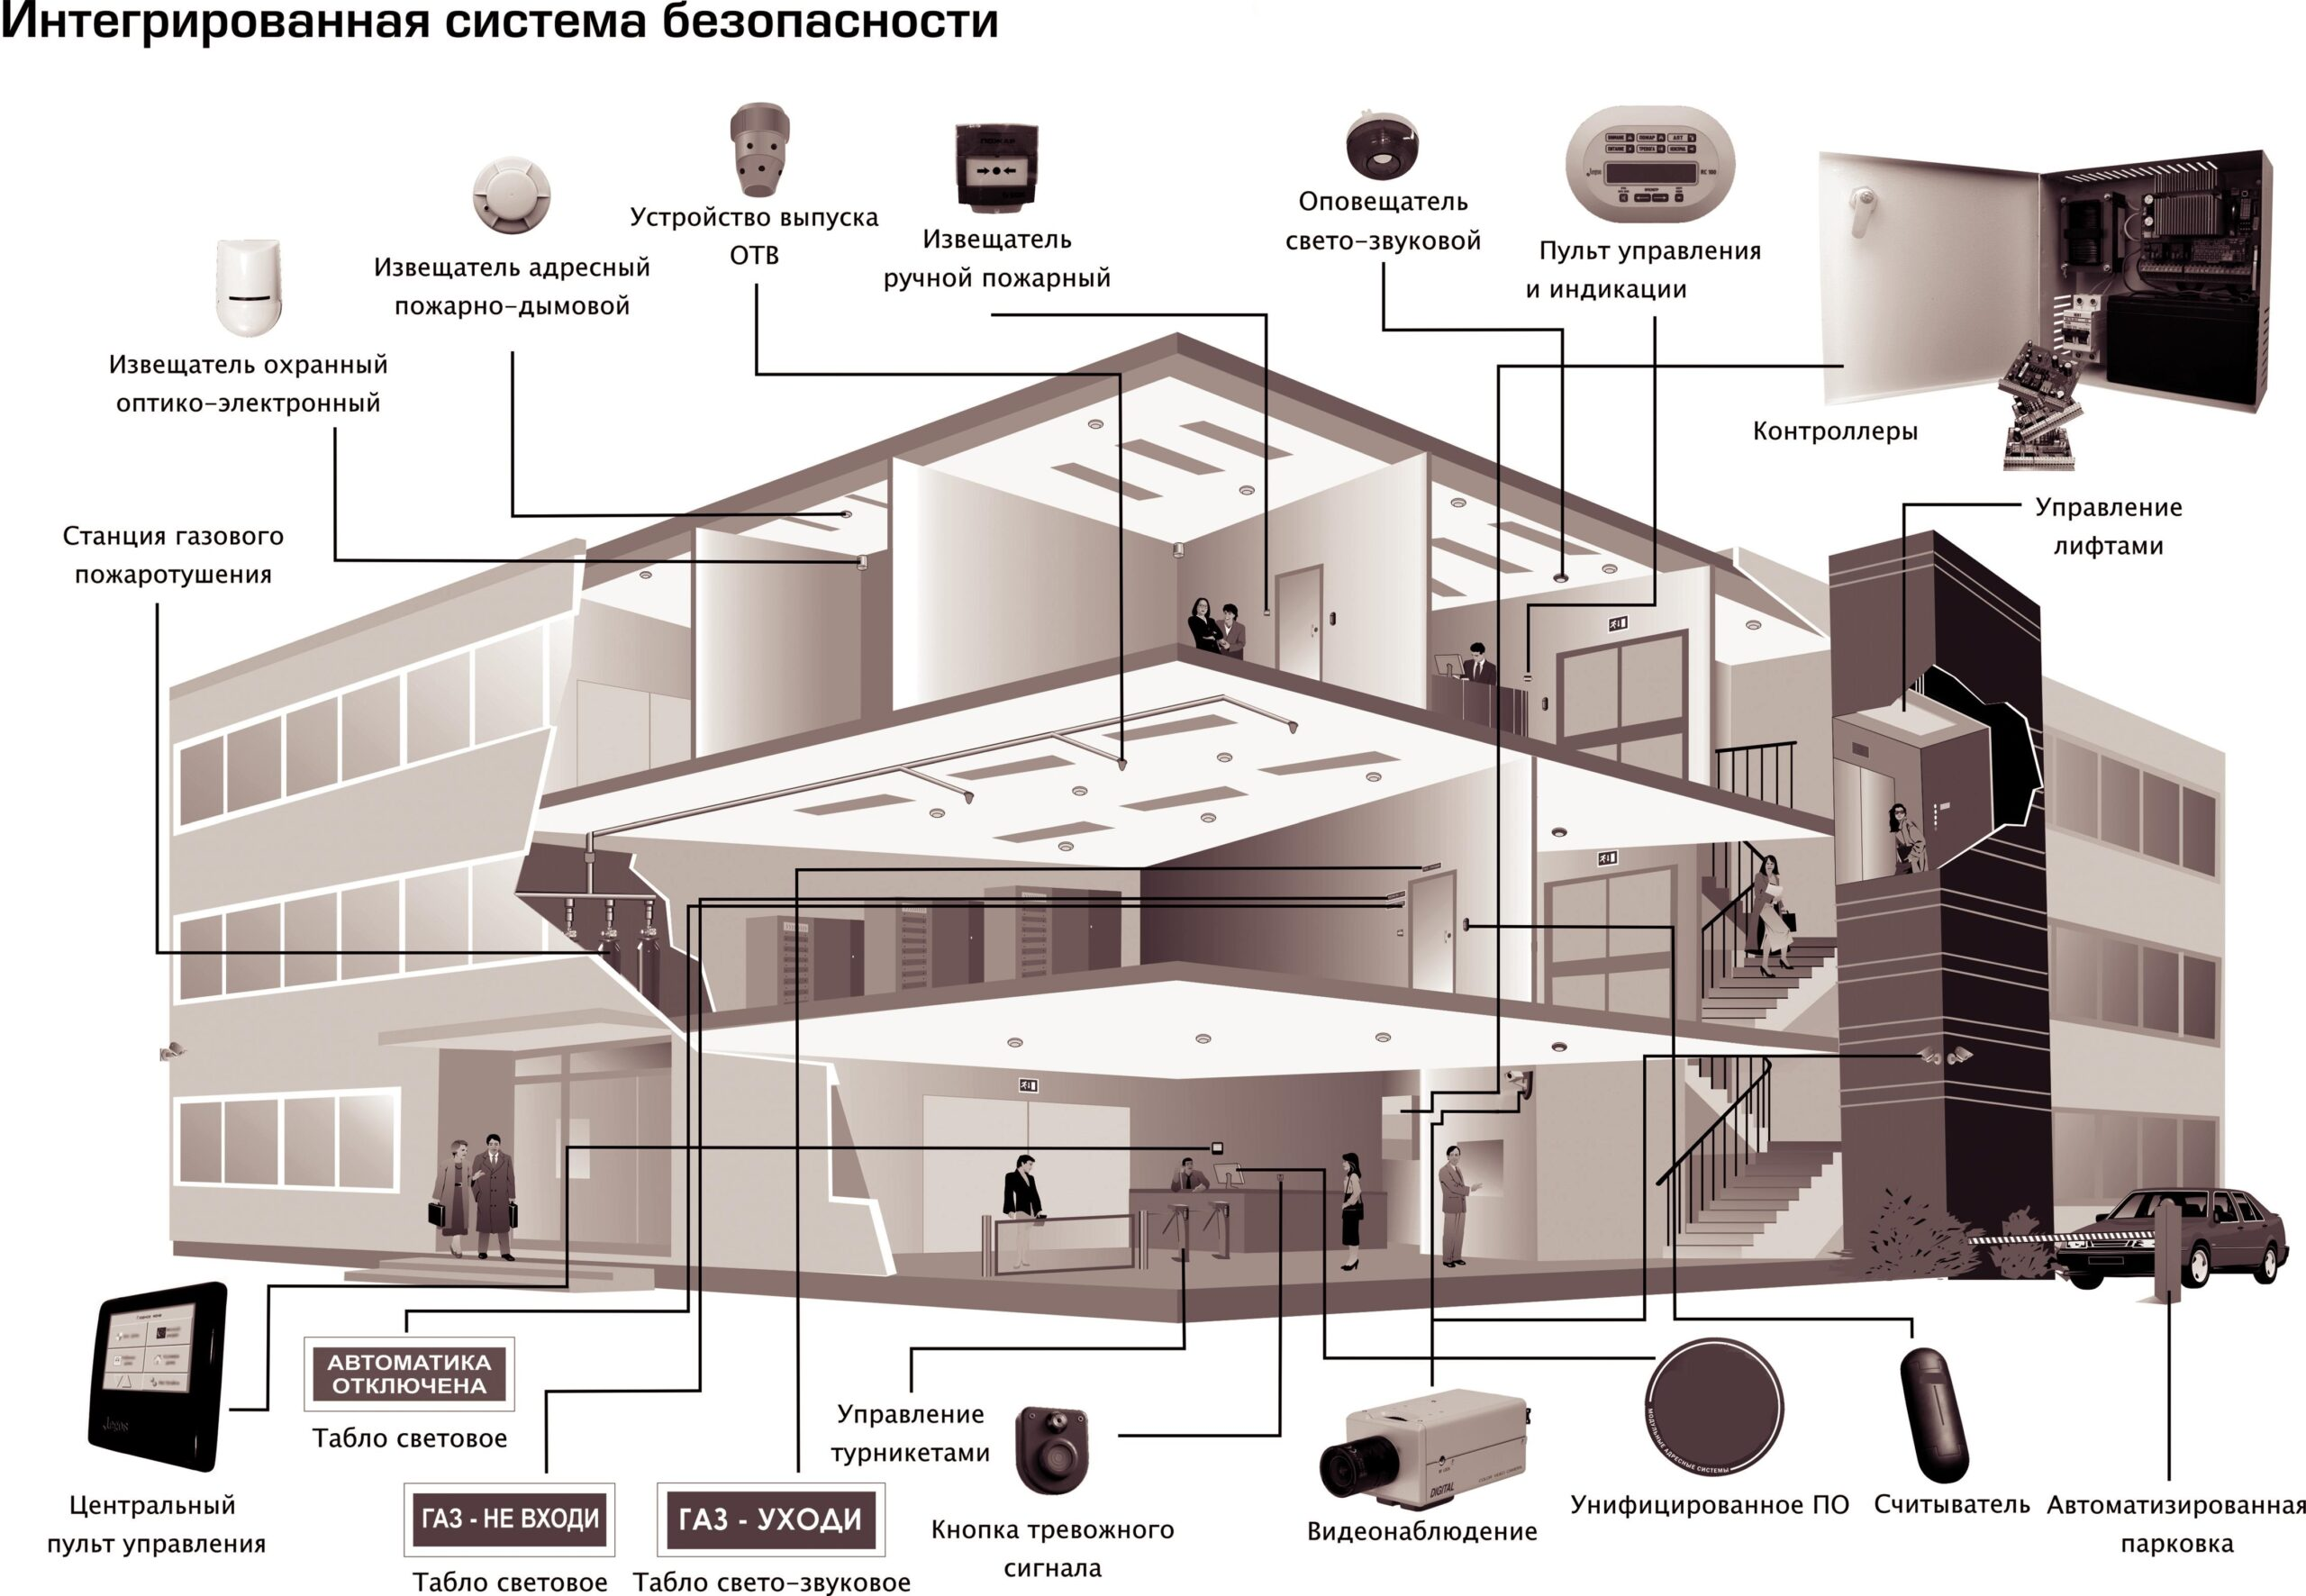 Так выглядит схема интегрированной системы пожарной безопасности, которую может разработать инженер-проектировщик.